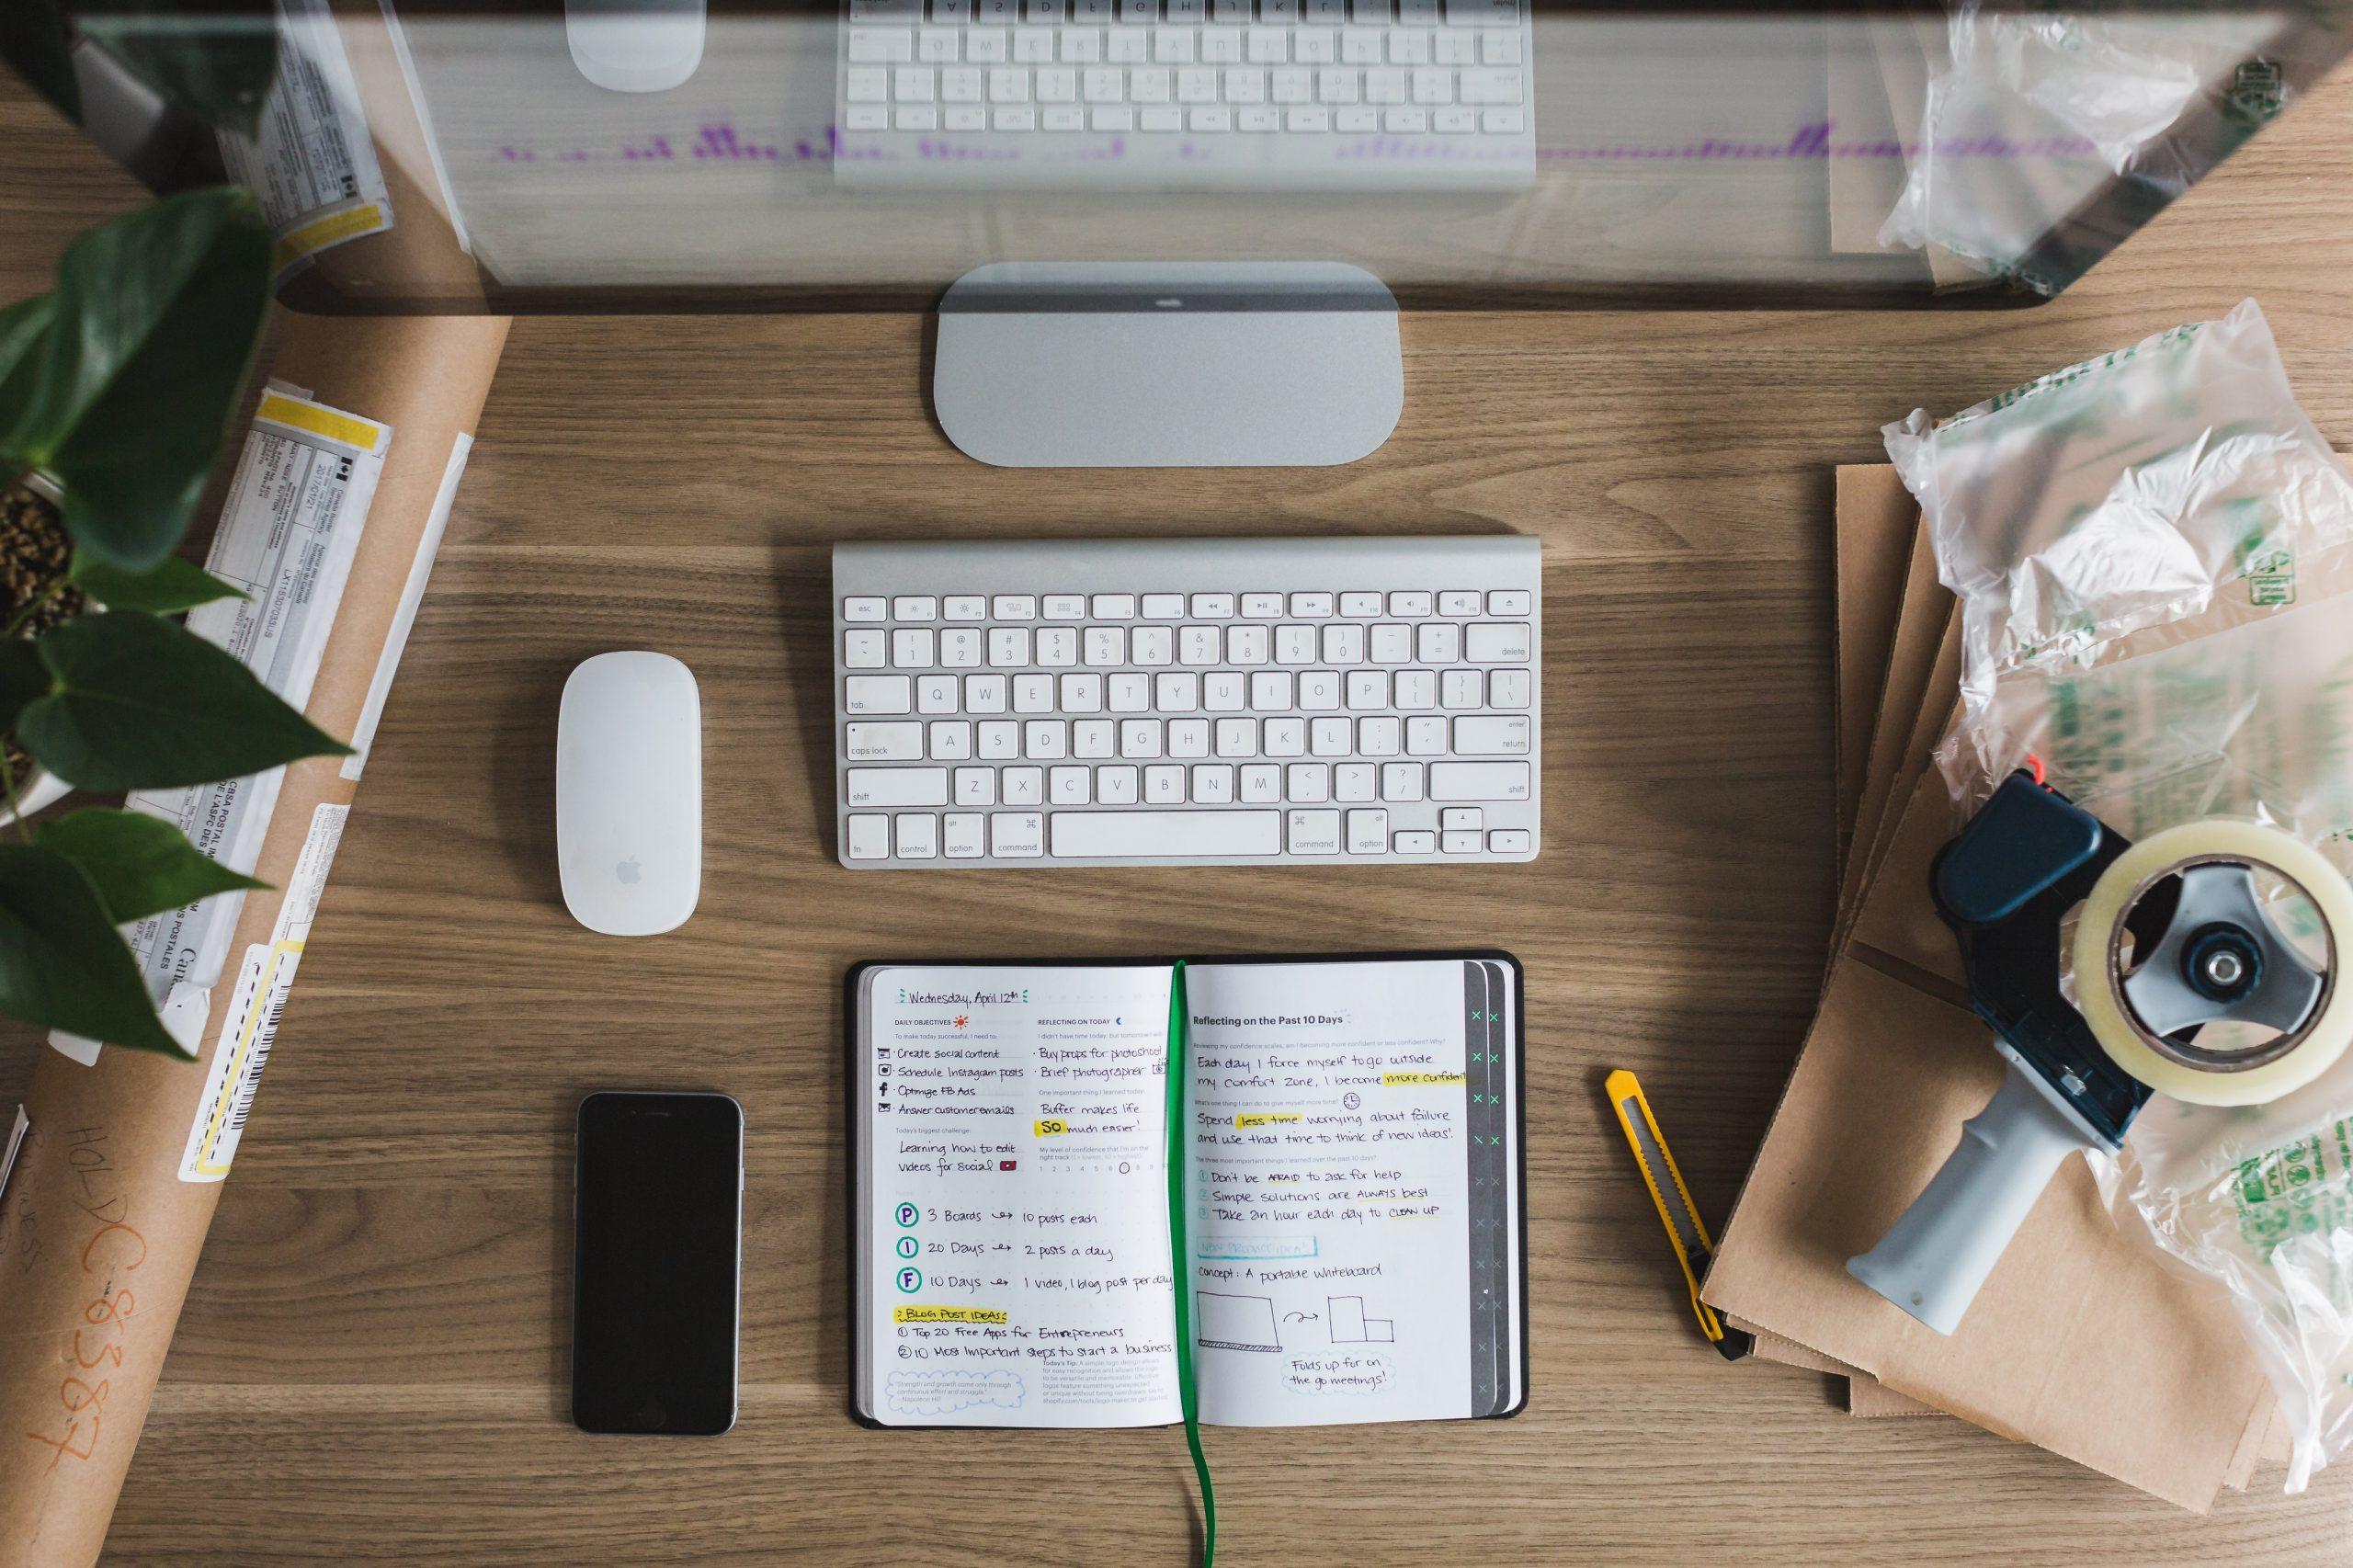 startup-desk